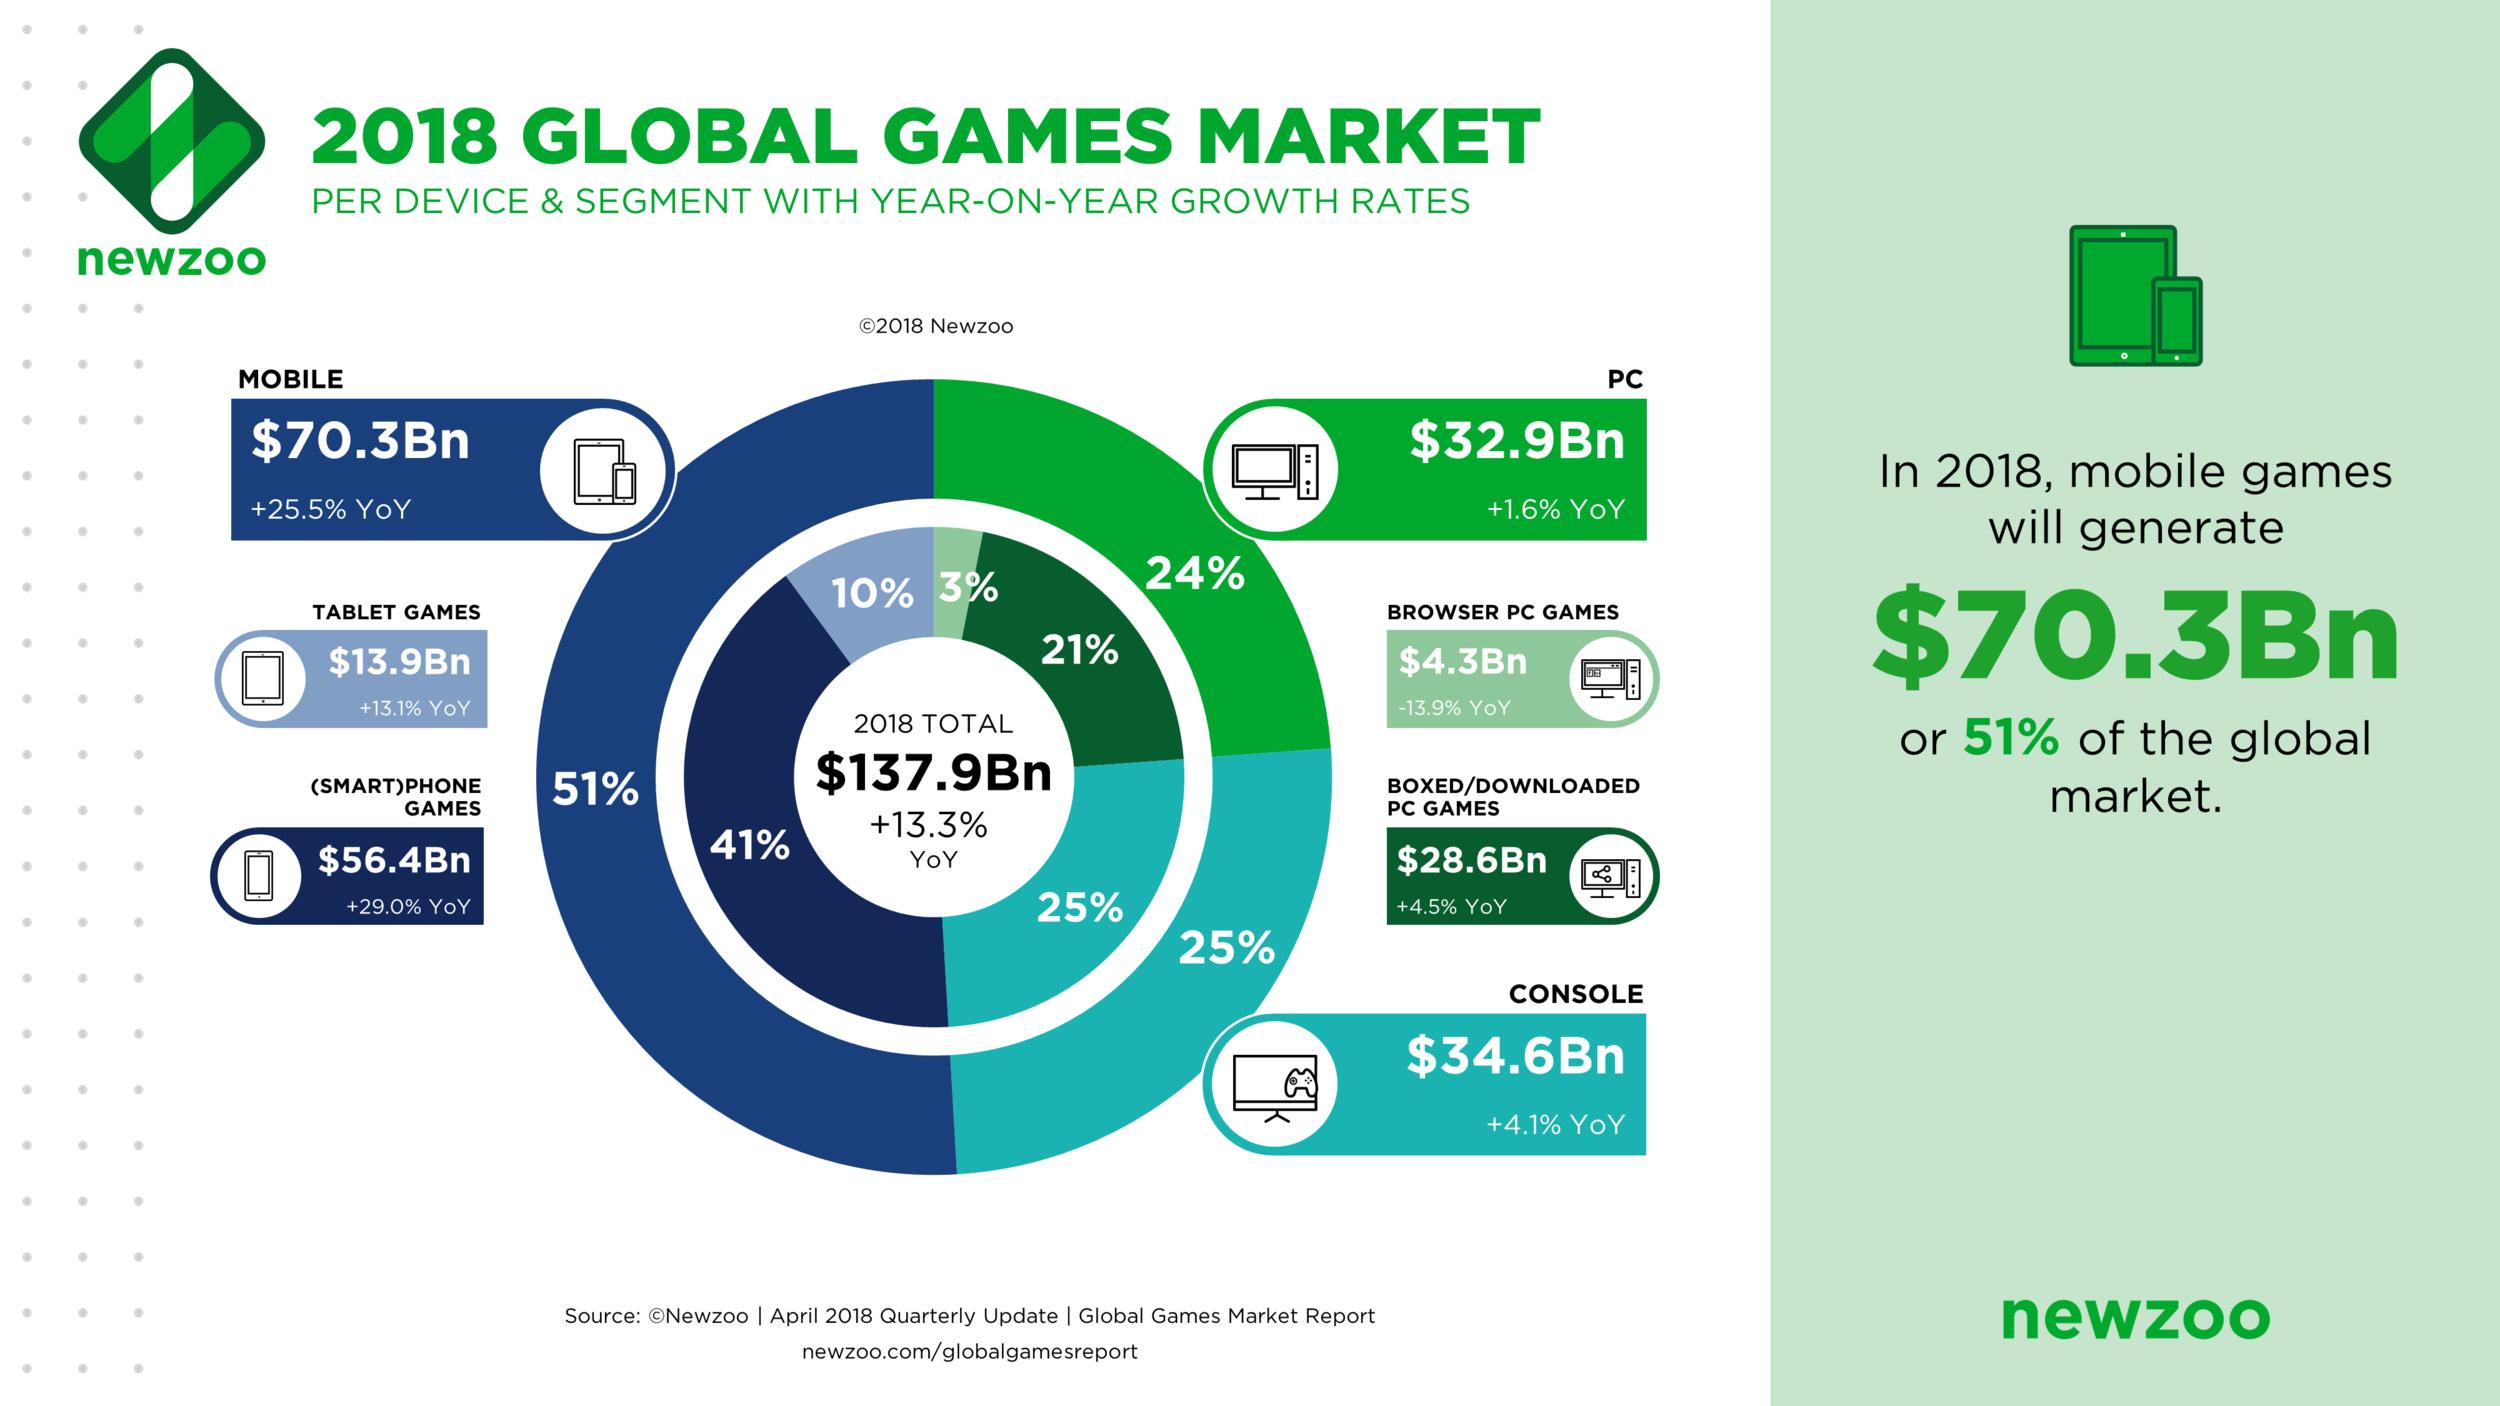 Global_Games_Market_2018.png